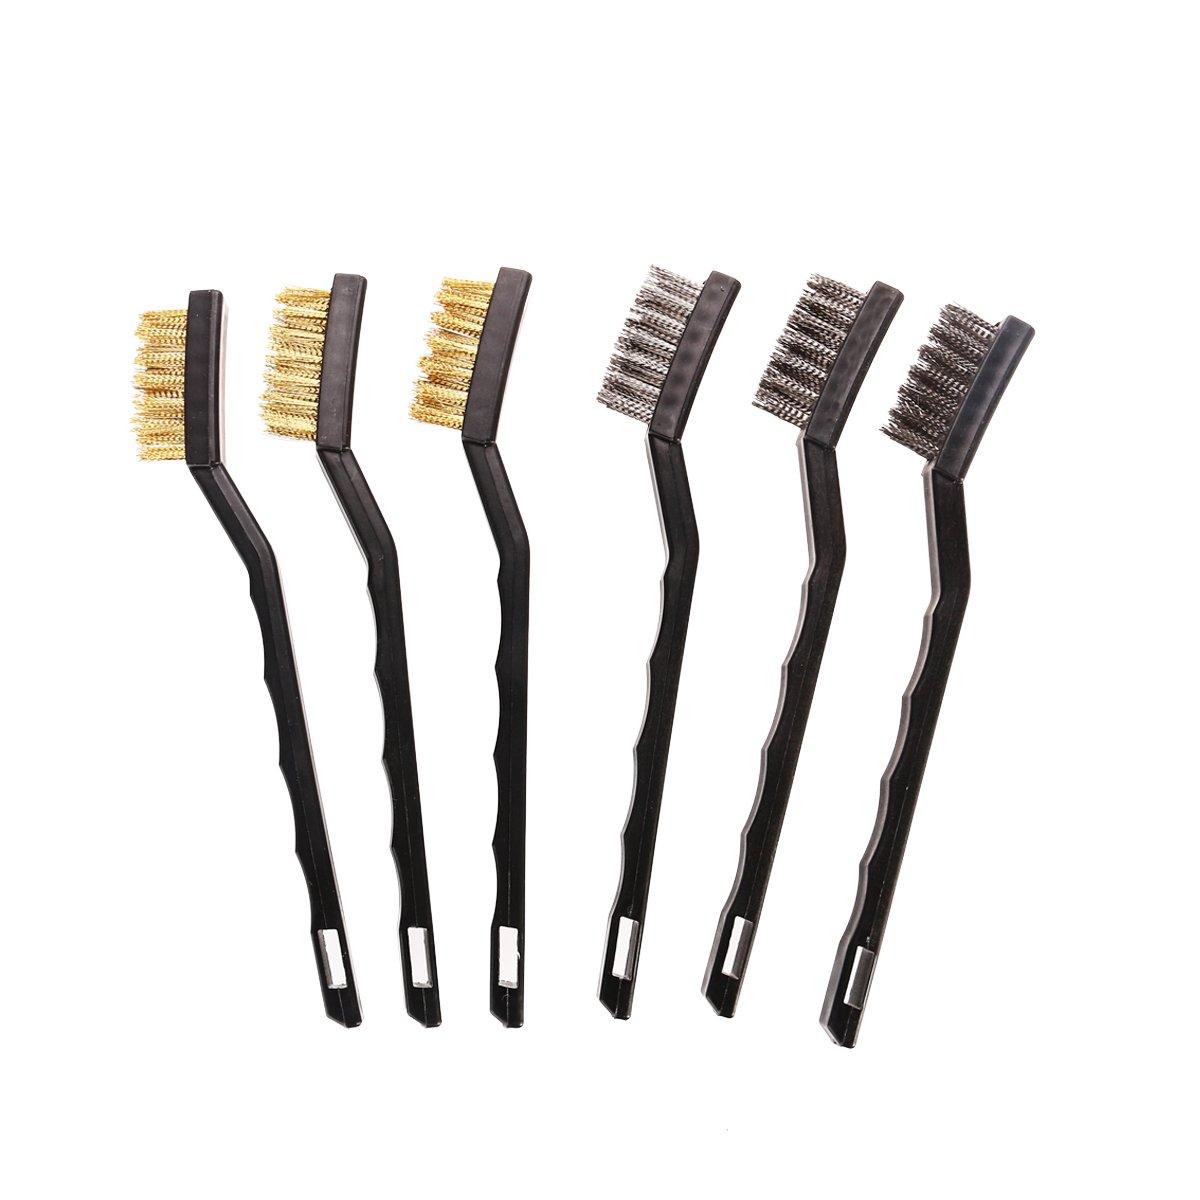 UEETEK Ensemble de brosse à fourche Mini 6pcs pour nettoyage de scories et de rouille de soudure (3 * acier inoxydable + 3 * laiton)